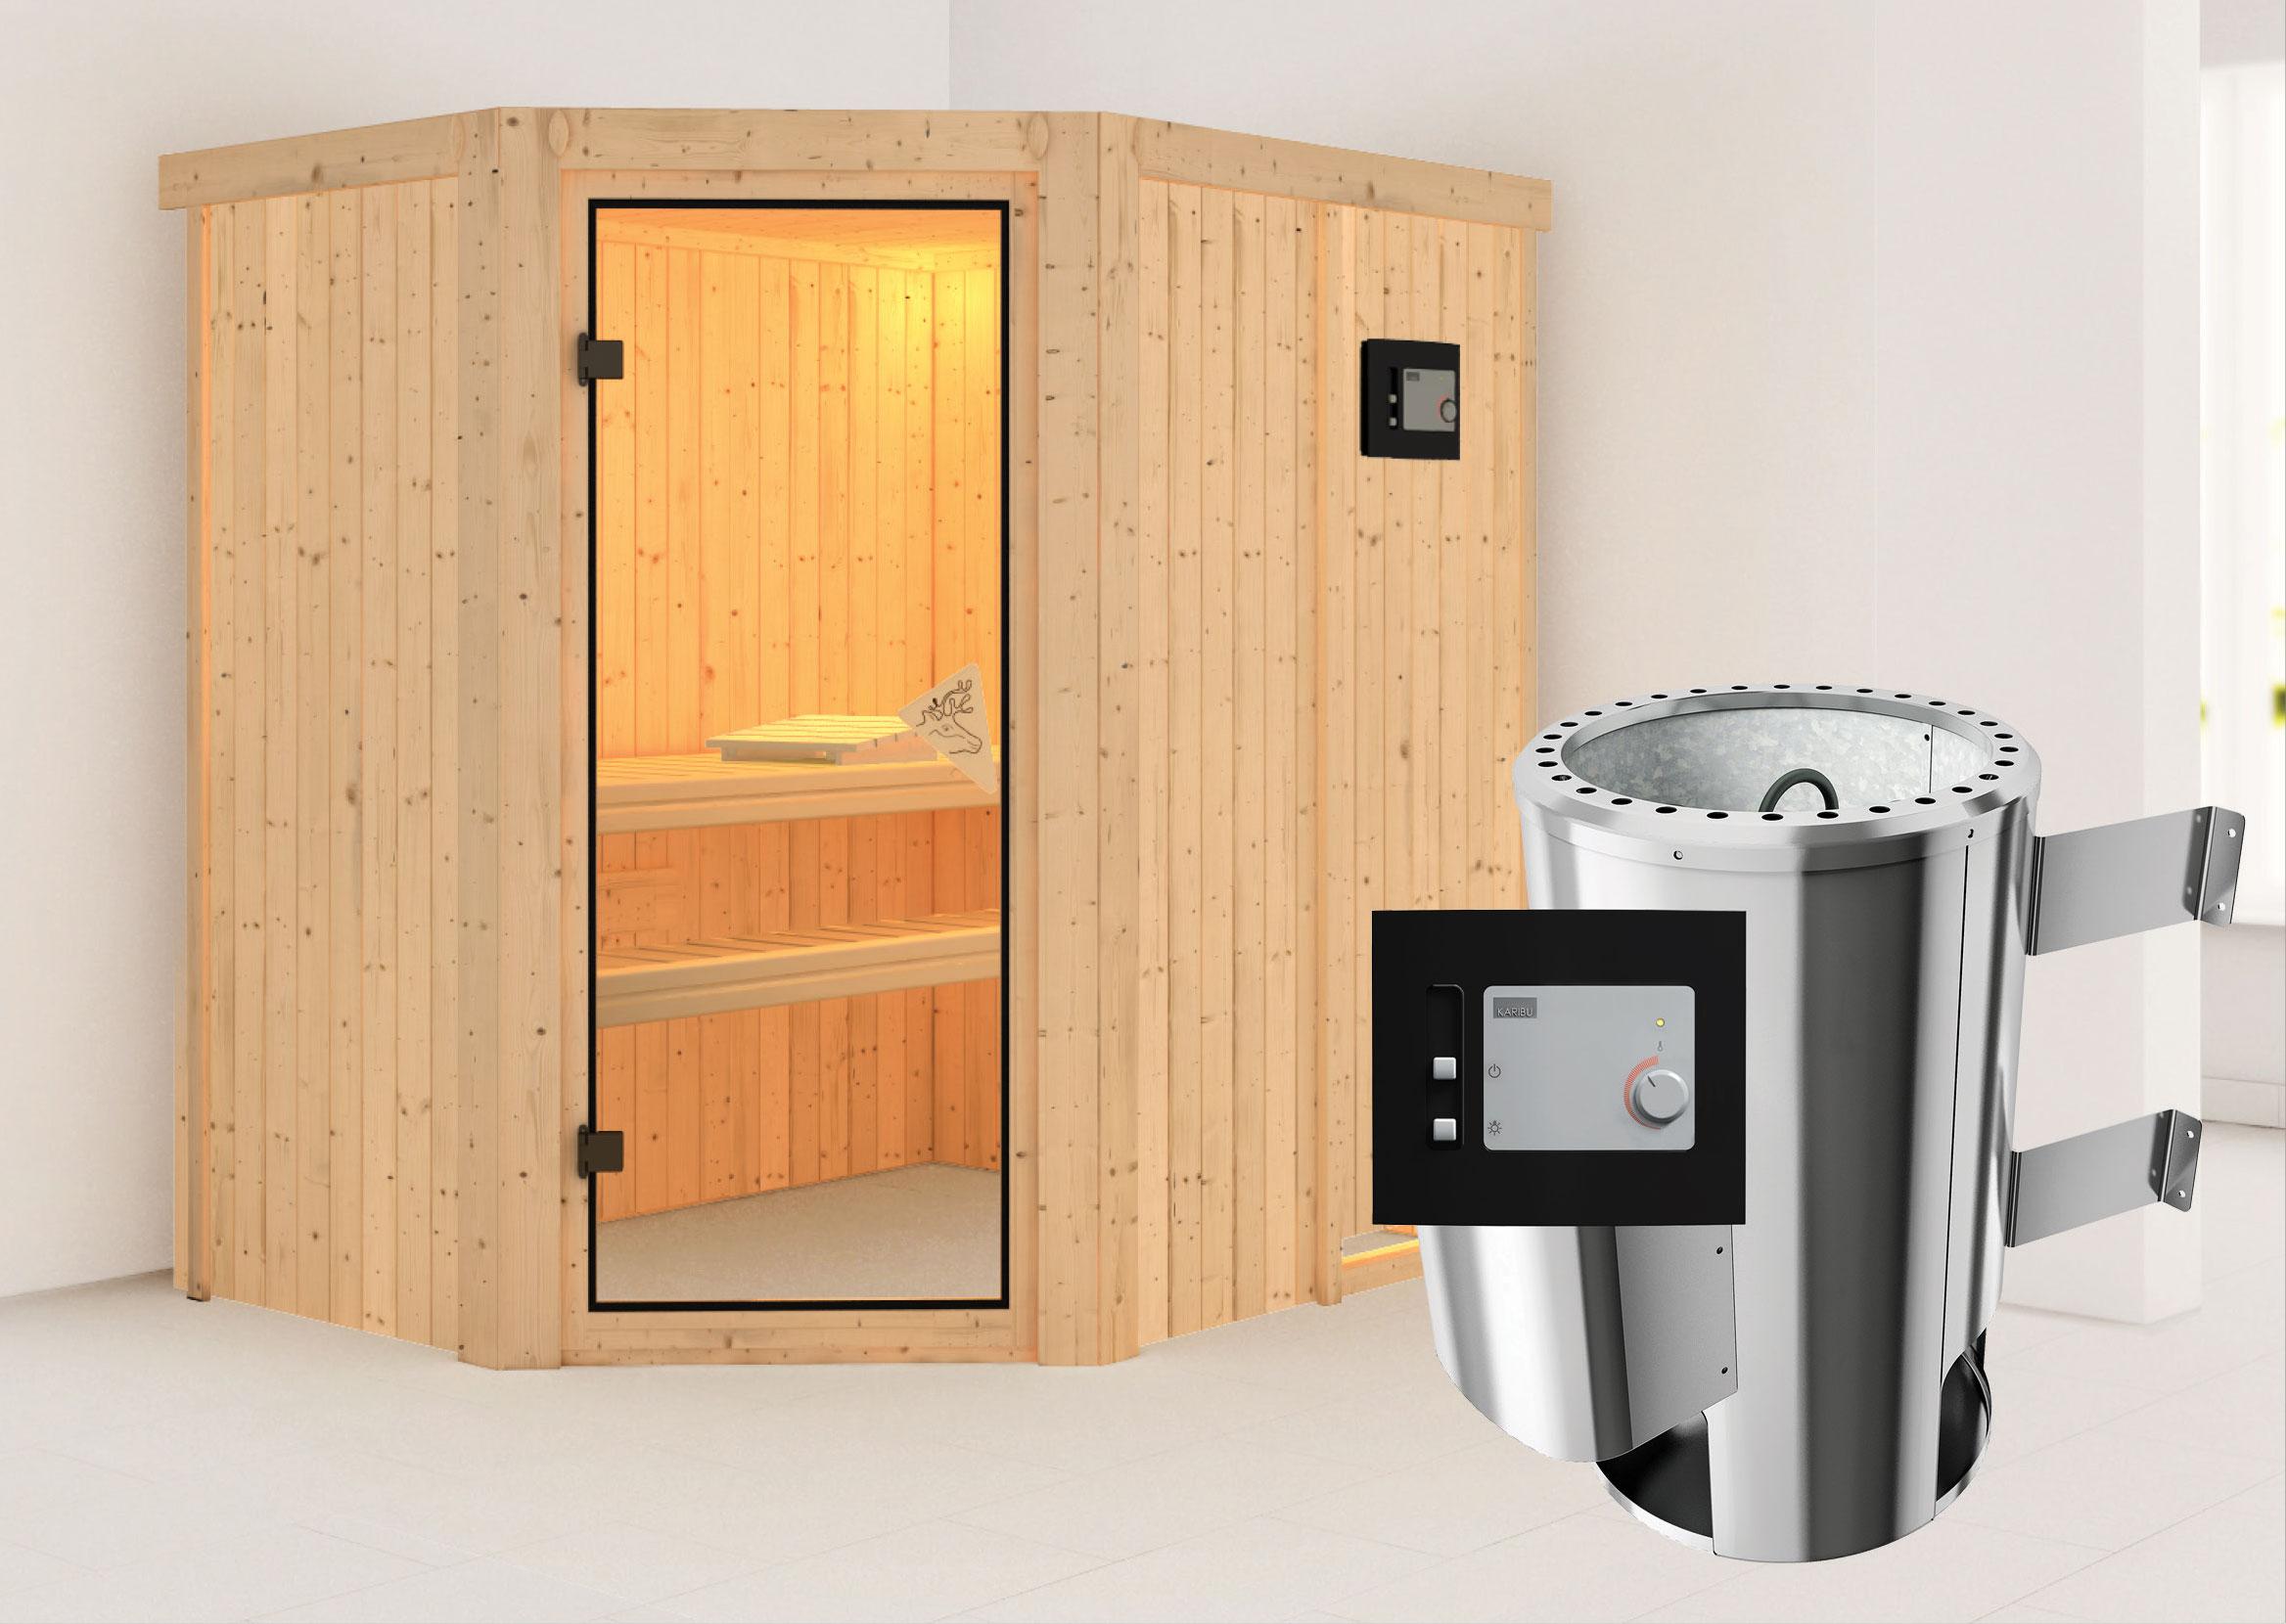 karibu sauna saja 68mm 230v mit ofen 3 6kw extern classic t r bei. Black Bedroom Furniture Sets. Home Design Ideas